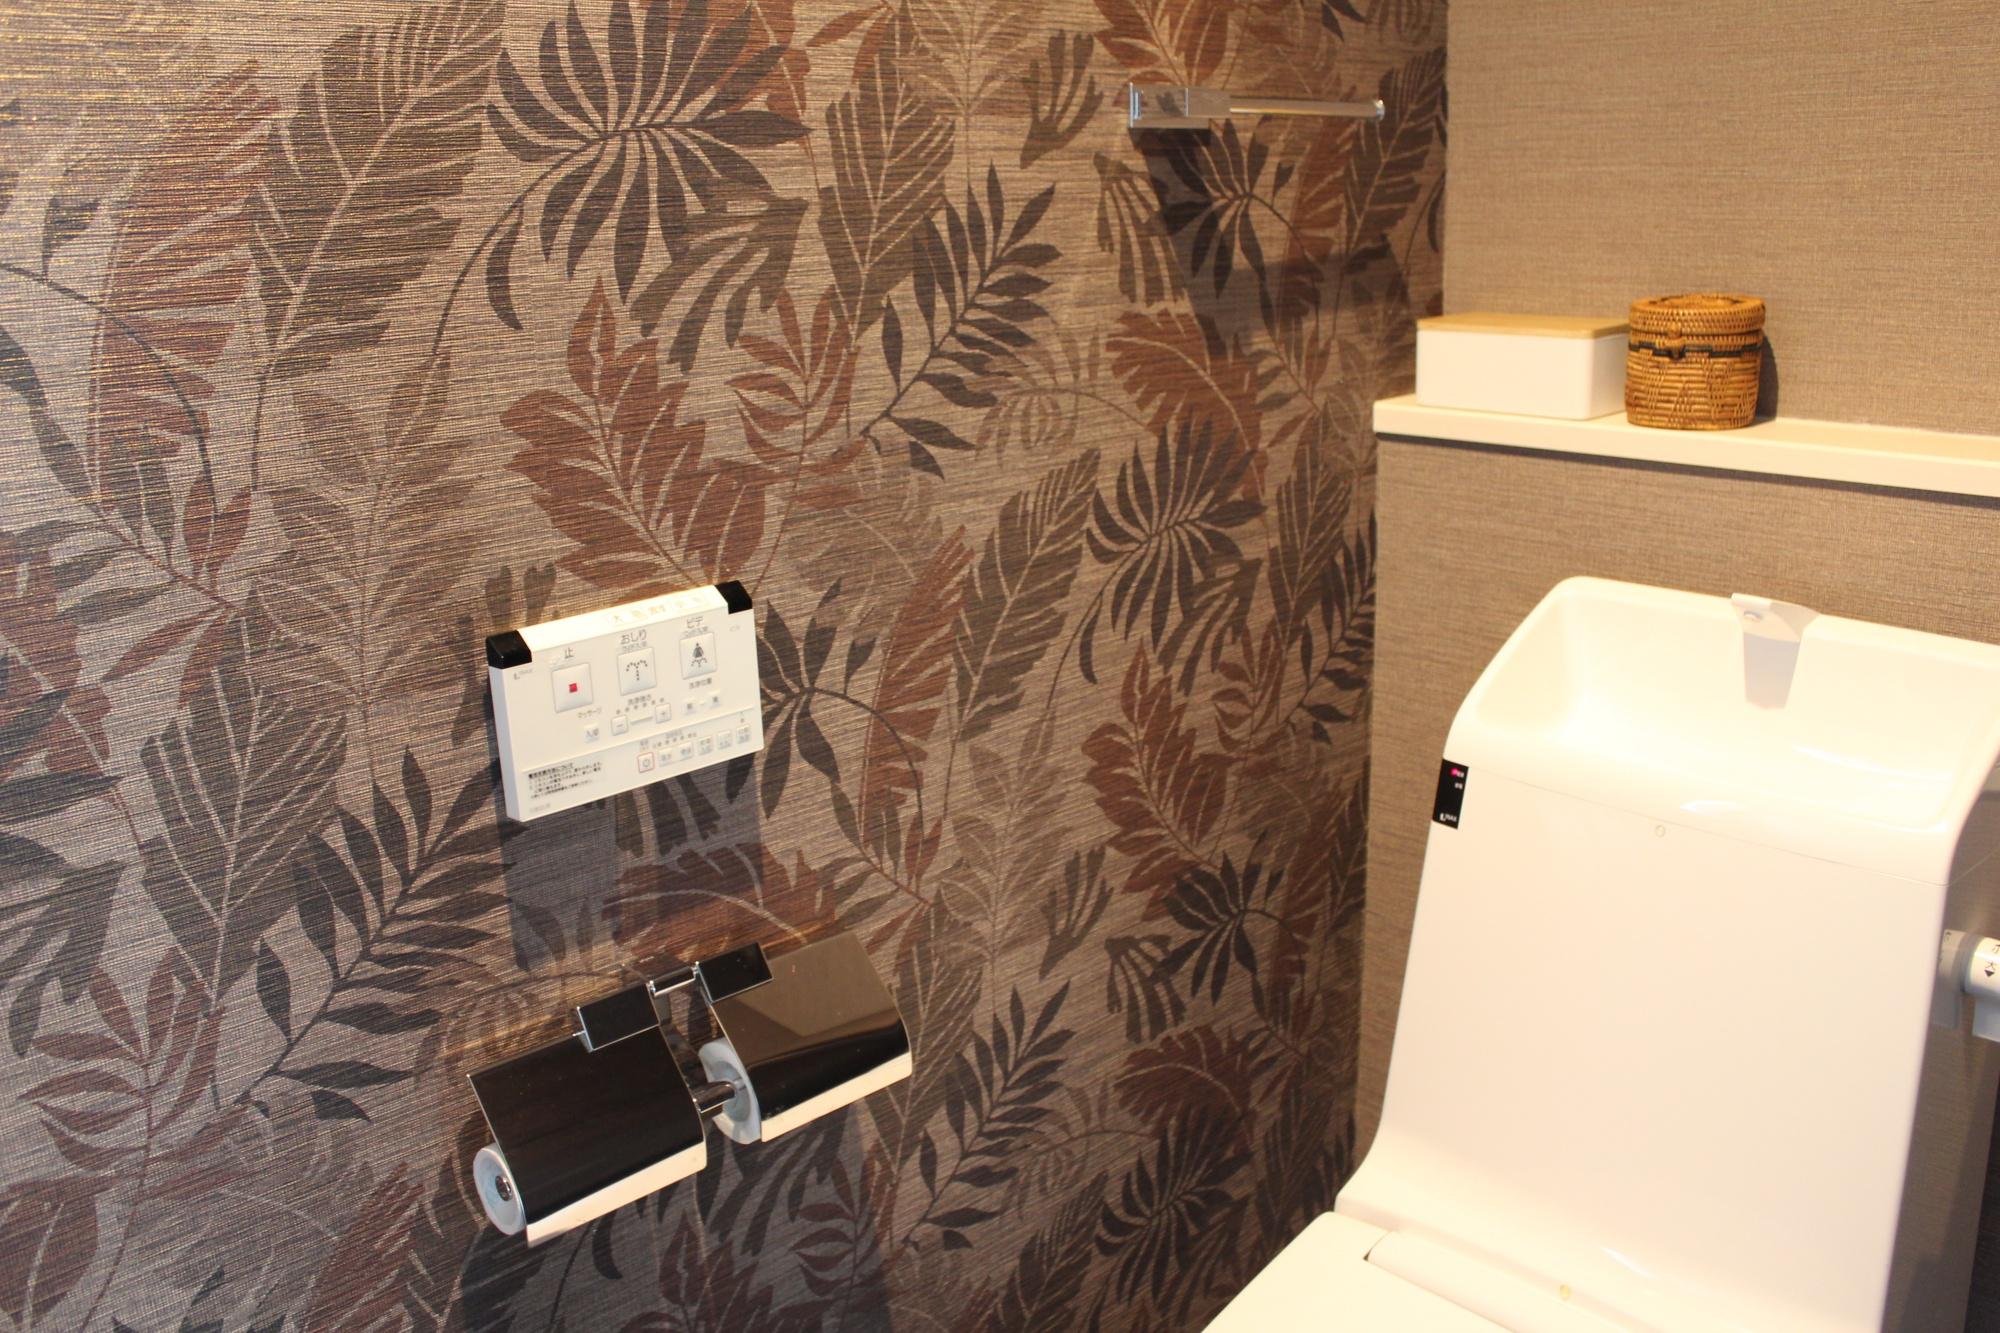 Web内覧会 アジアンインテリアのトイレは壁紙と床材がポイント 小物や収納道具収納道具もご紹介 Ayalog あやろぐ 暮らしと美容ブログ